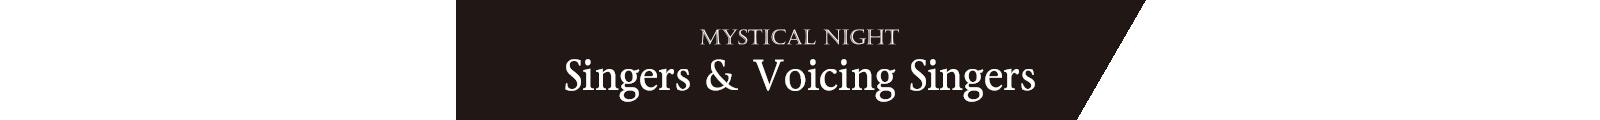 Header Singersvoicing